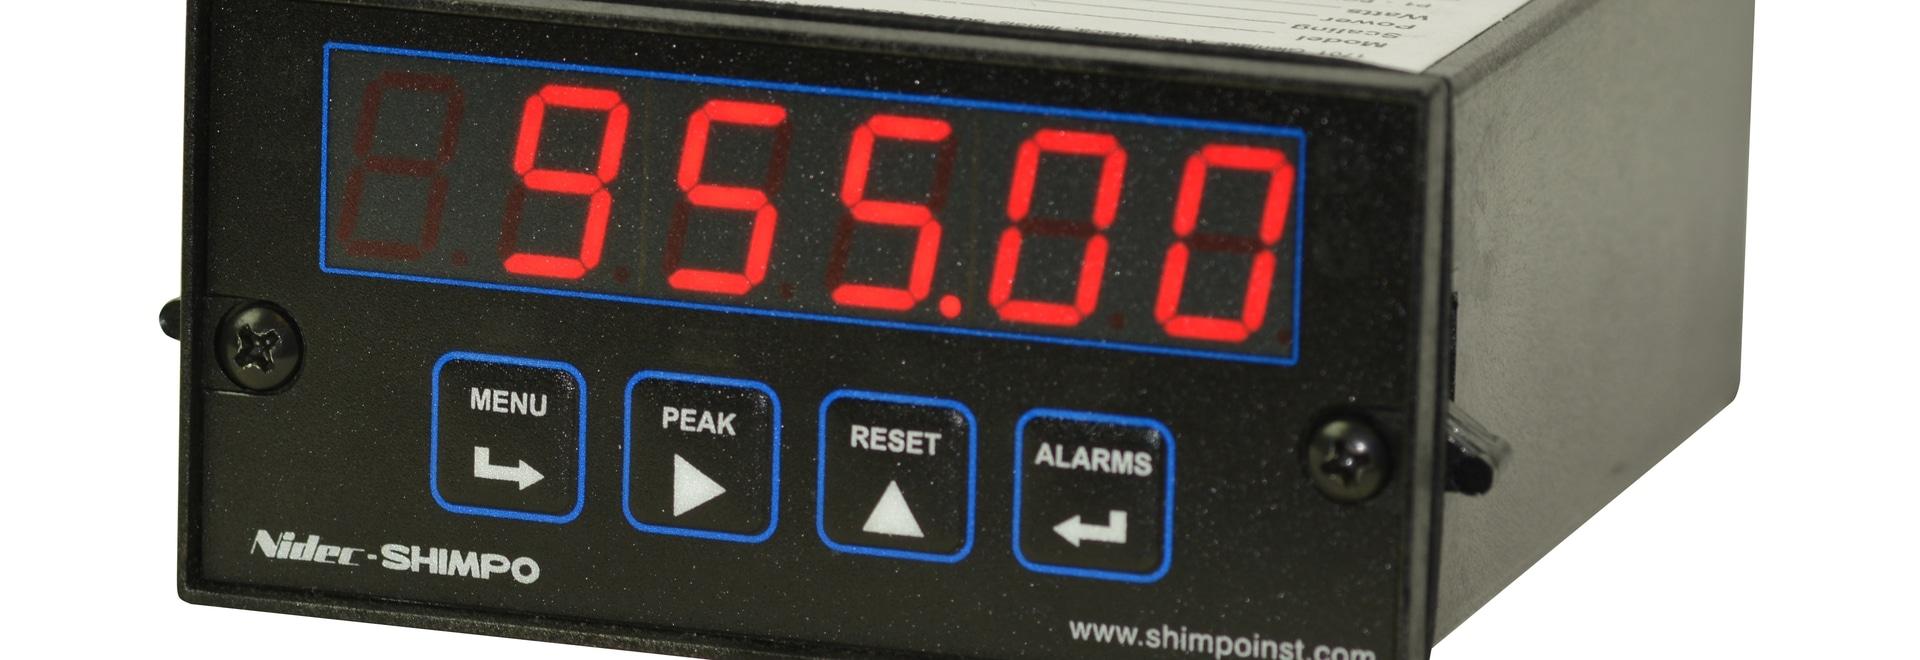 NEUE Prozessplatten-Meter SHIMPO P.M.